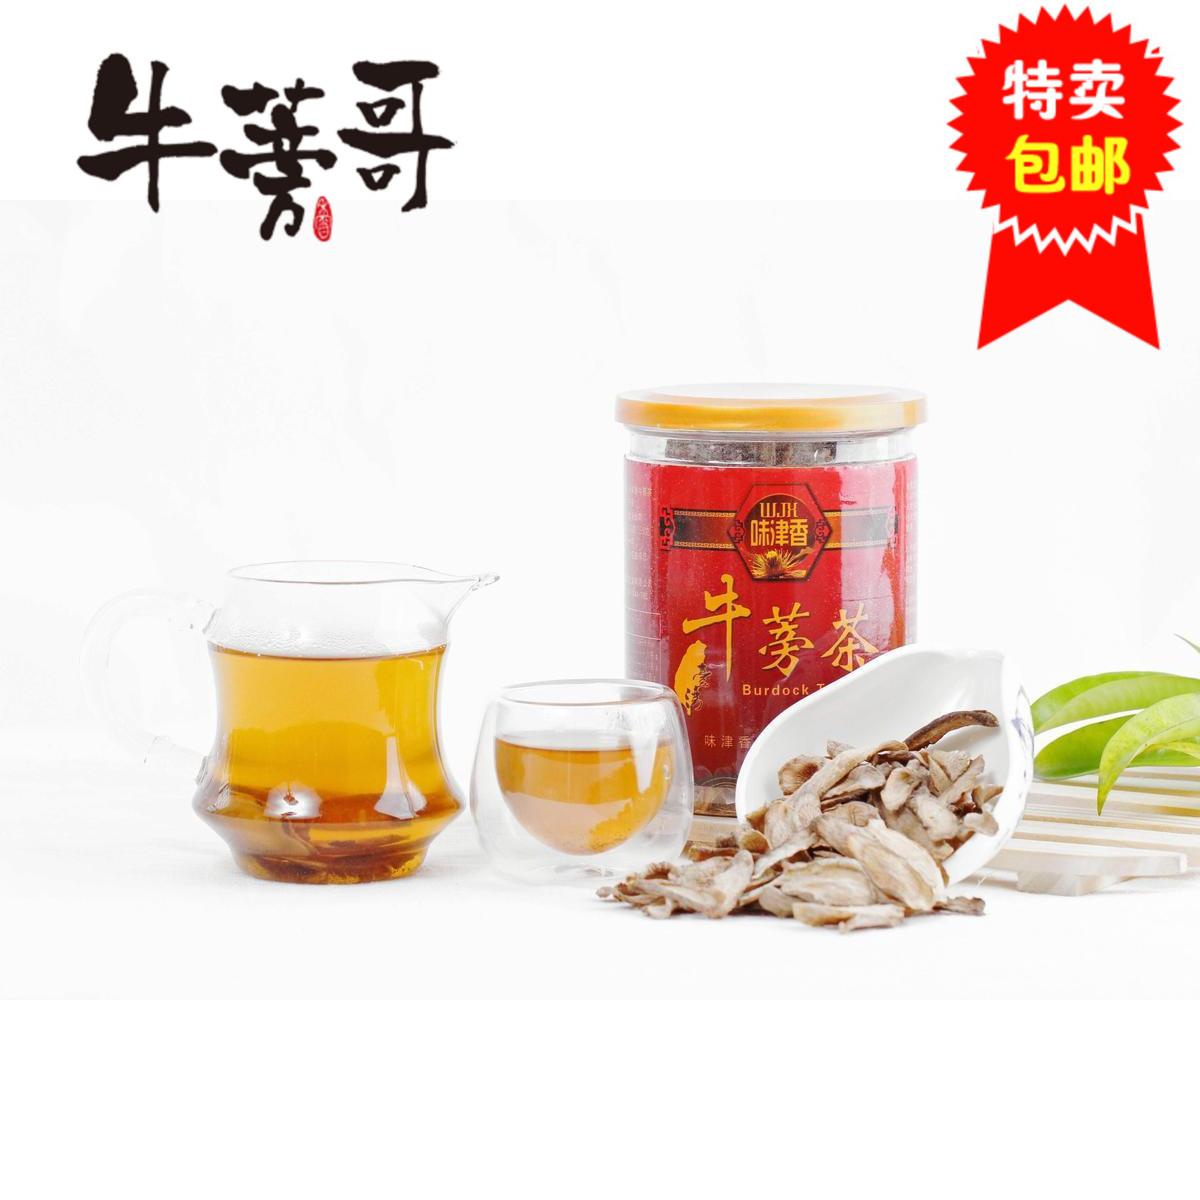 旅行装包邮特惠装伴手礼牛蒡茶茶台湾进口食品牛蒡哥